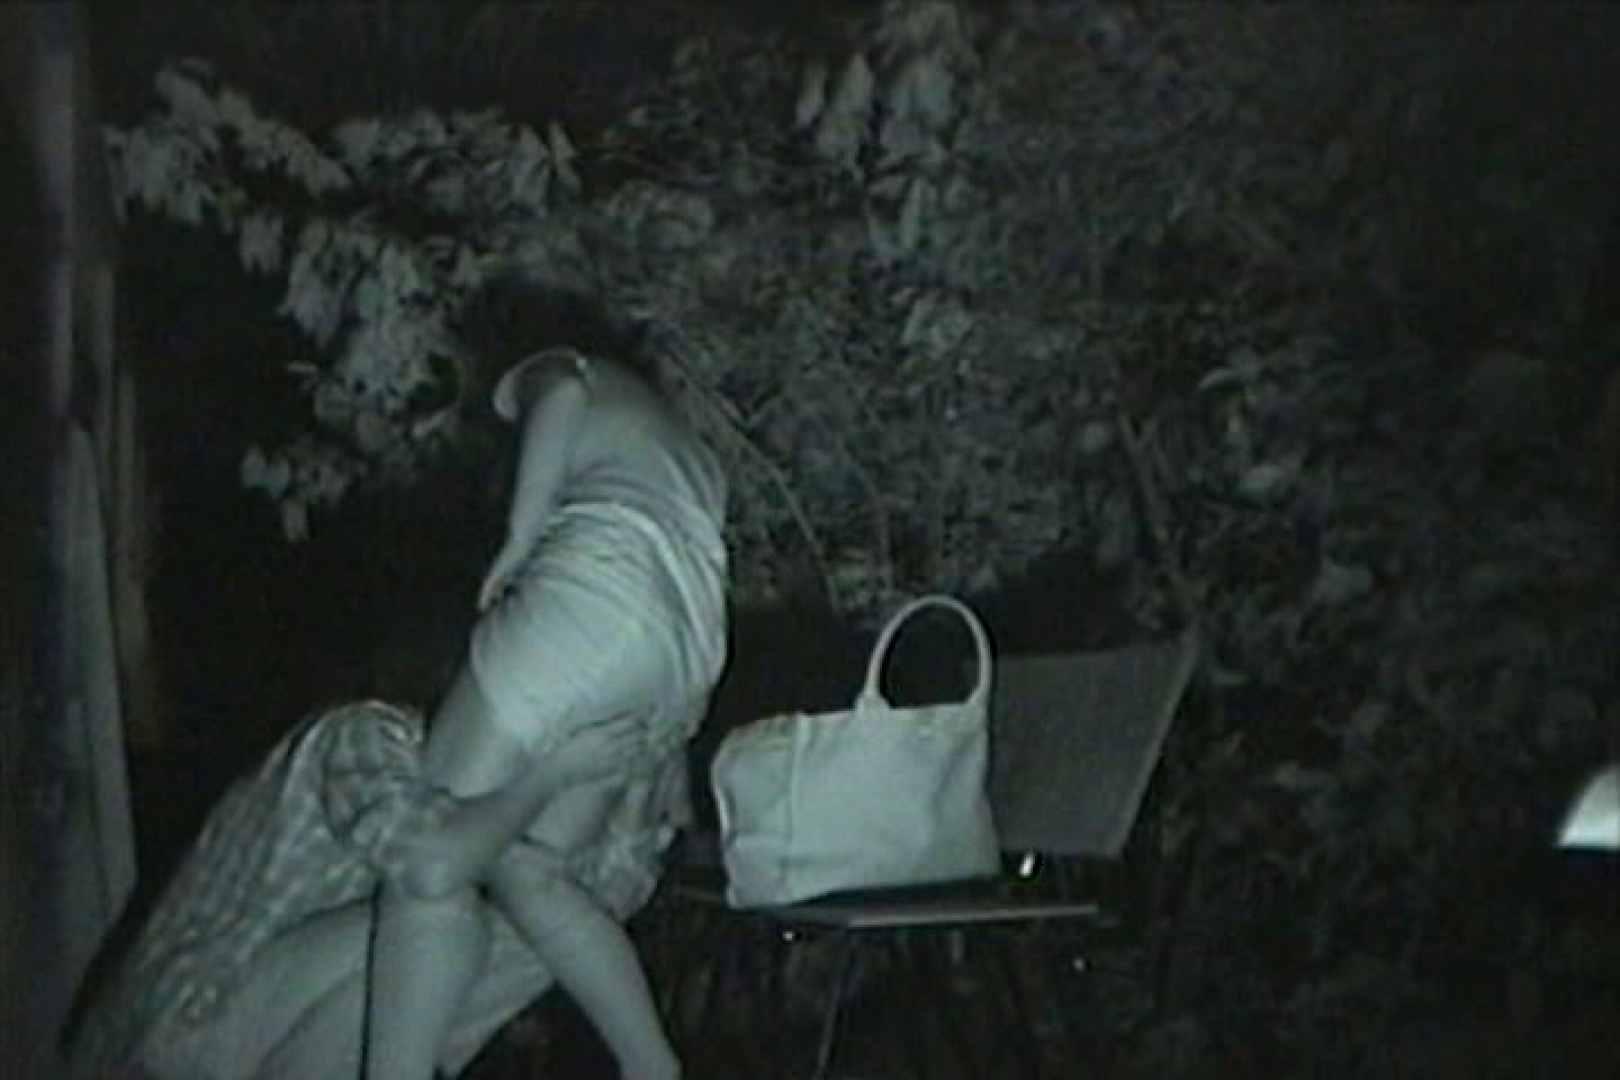 闇の仕掛け人 無修正版 Vol.24 ホテル隠し撮り 隠し撮りオマンコ動画紹介 101pic 18